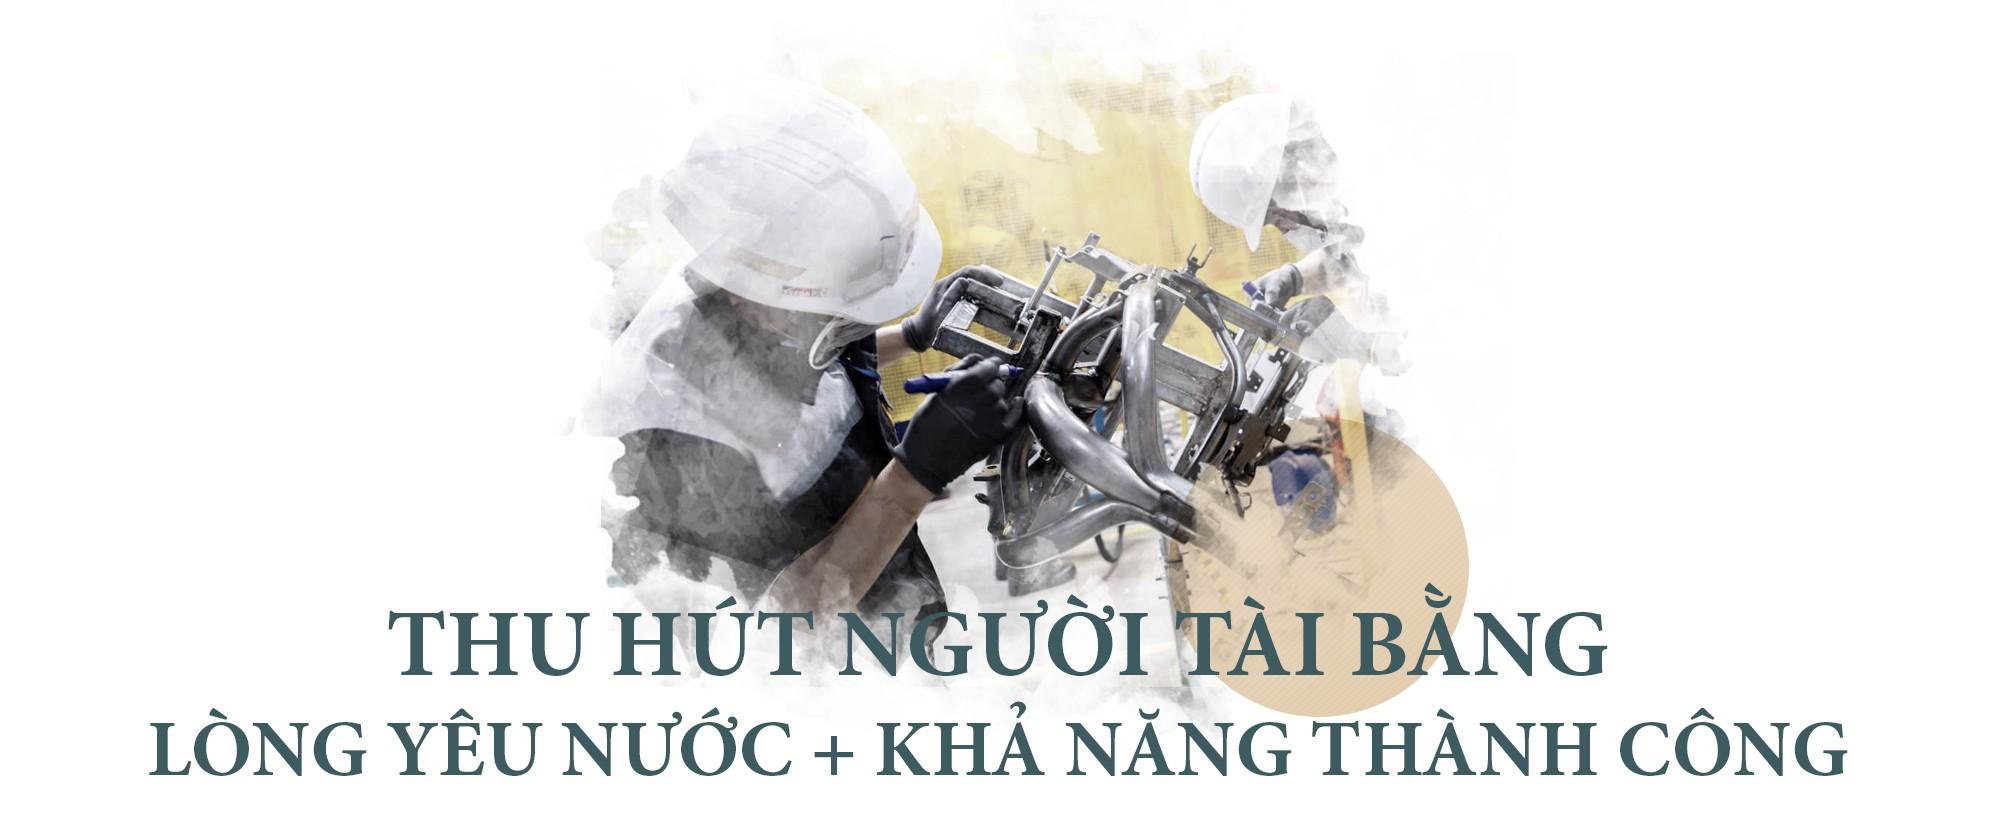 Ông Phạm Nhật Vượng: Thế giới phải biết Việt Nam trí tuệ, đẳng cấp - Ảnh 5.